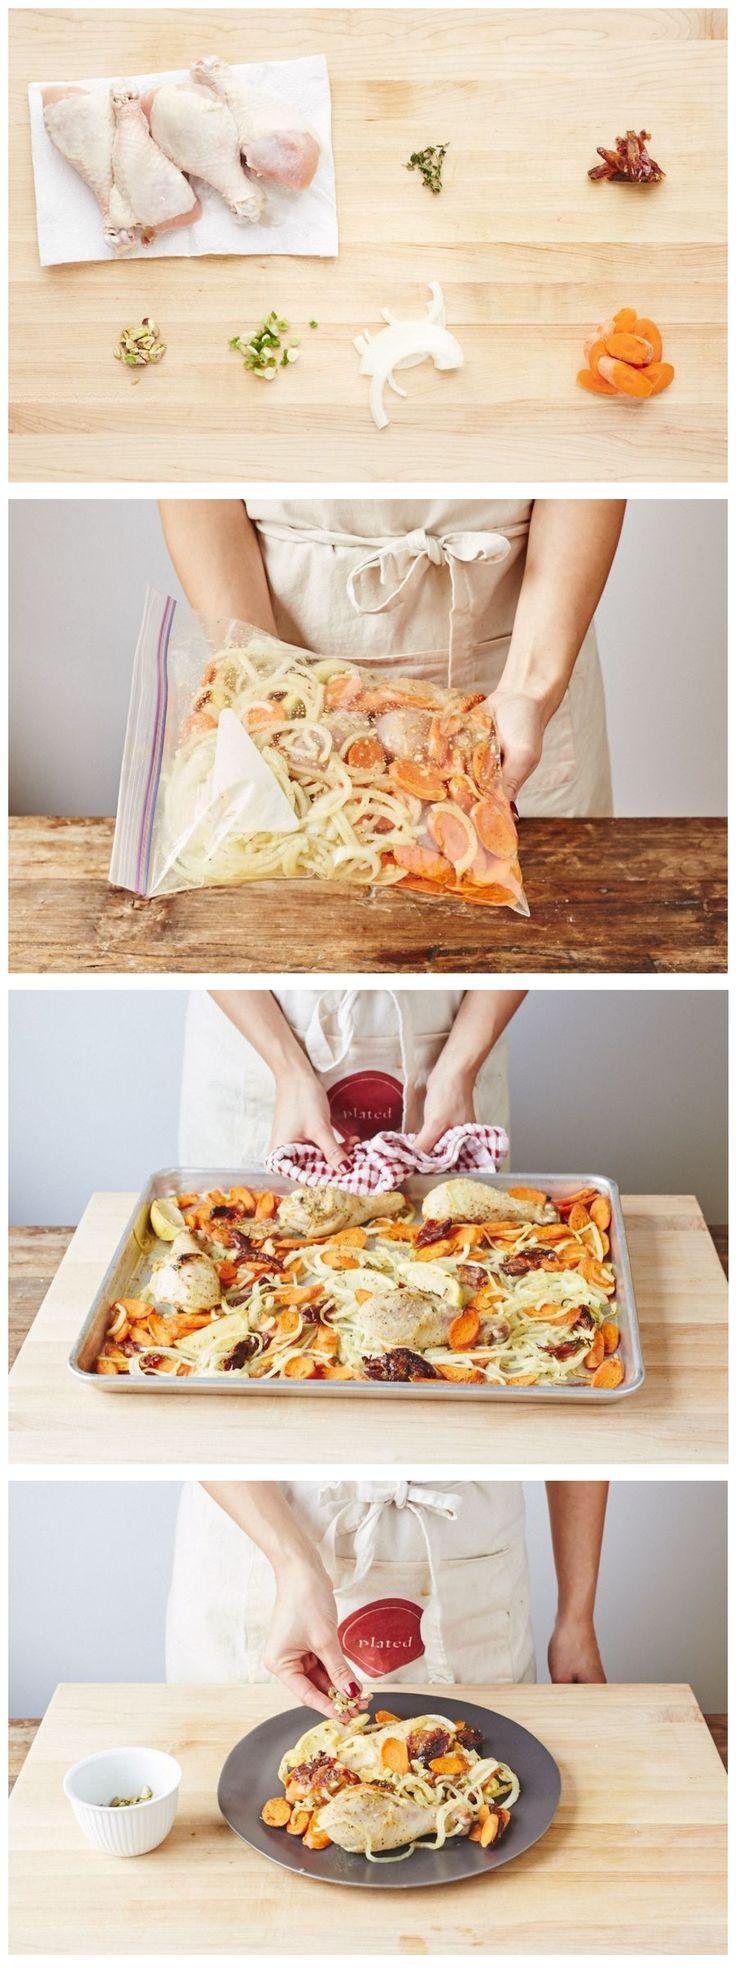 Menu Jul 15 - Jul 21 & 44 best Chicken Recipes images on Pinterest | Weeknight recipes ...